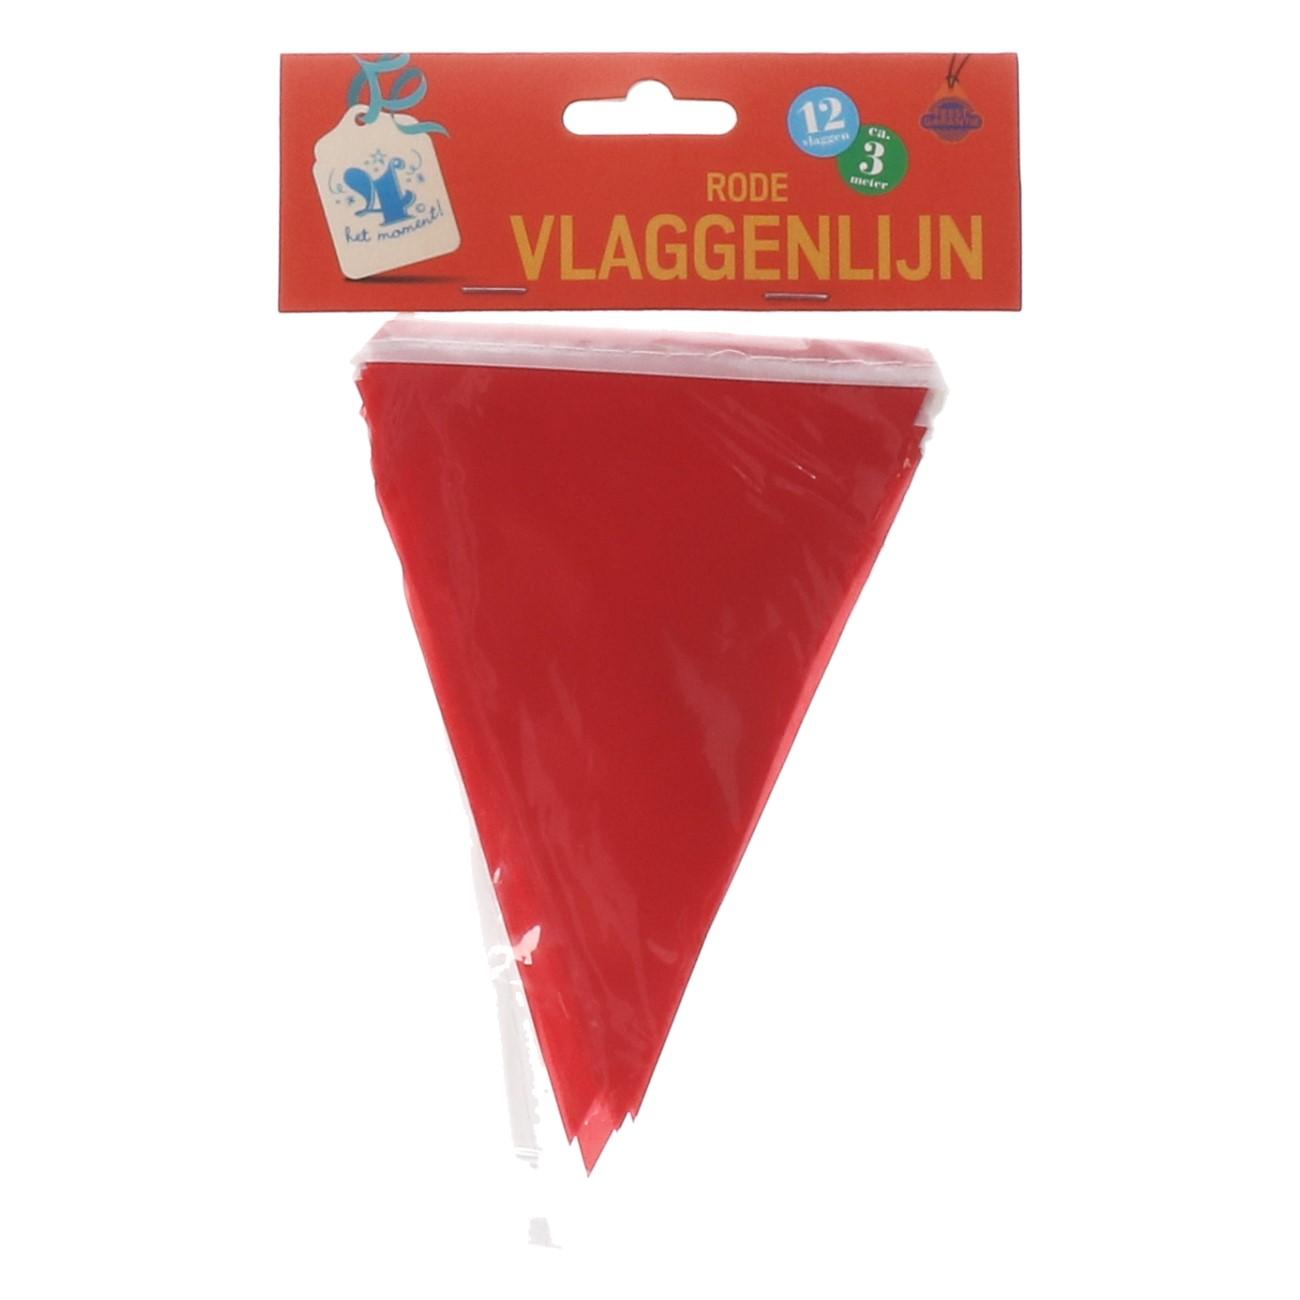 Vlaggenlijn rode 12 vlaggen ca.3m